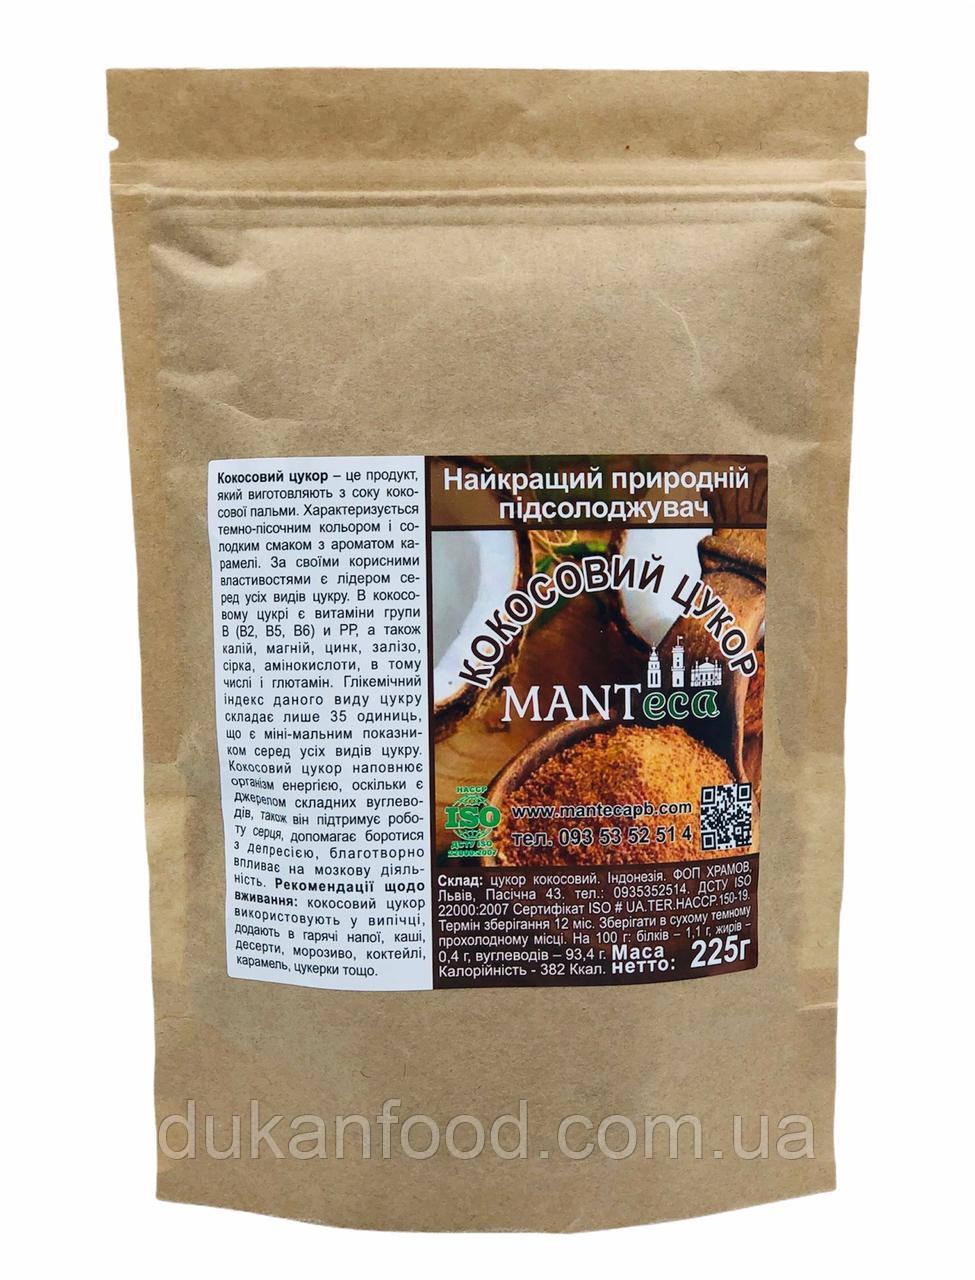 Кокосовый сахар Manteca, 225 г